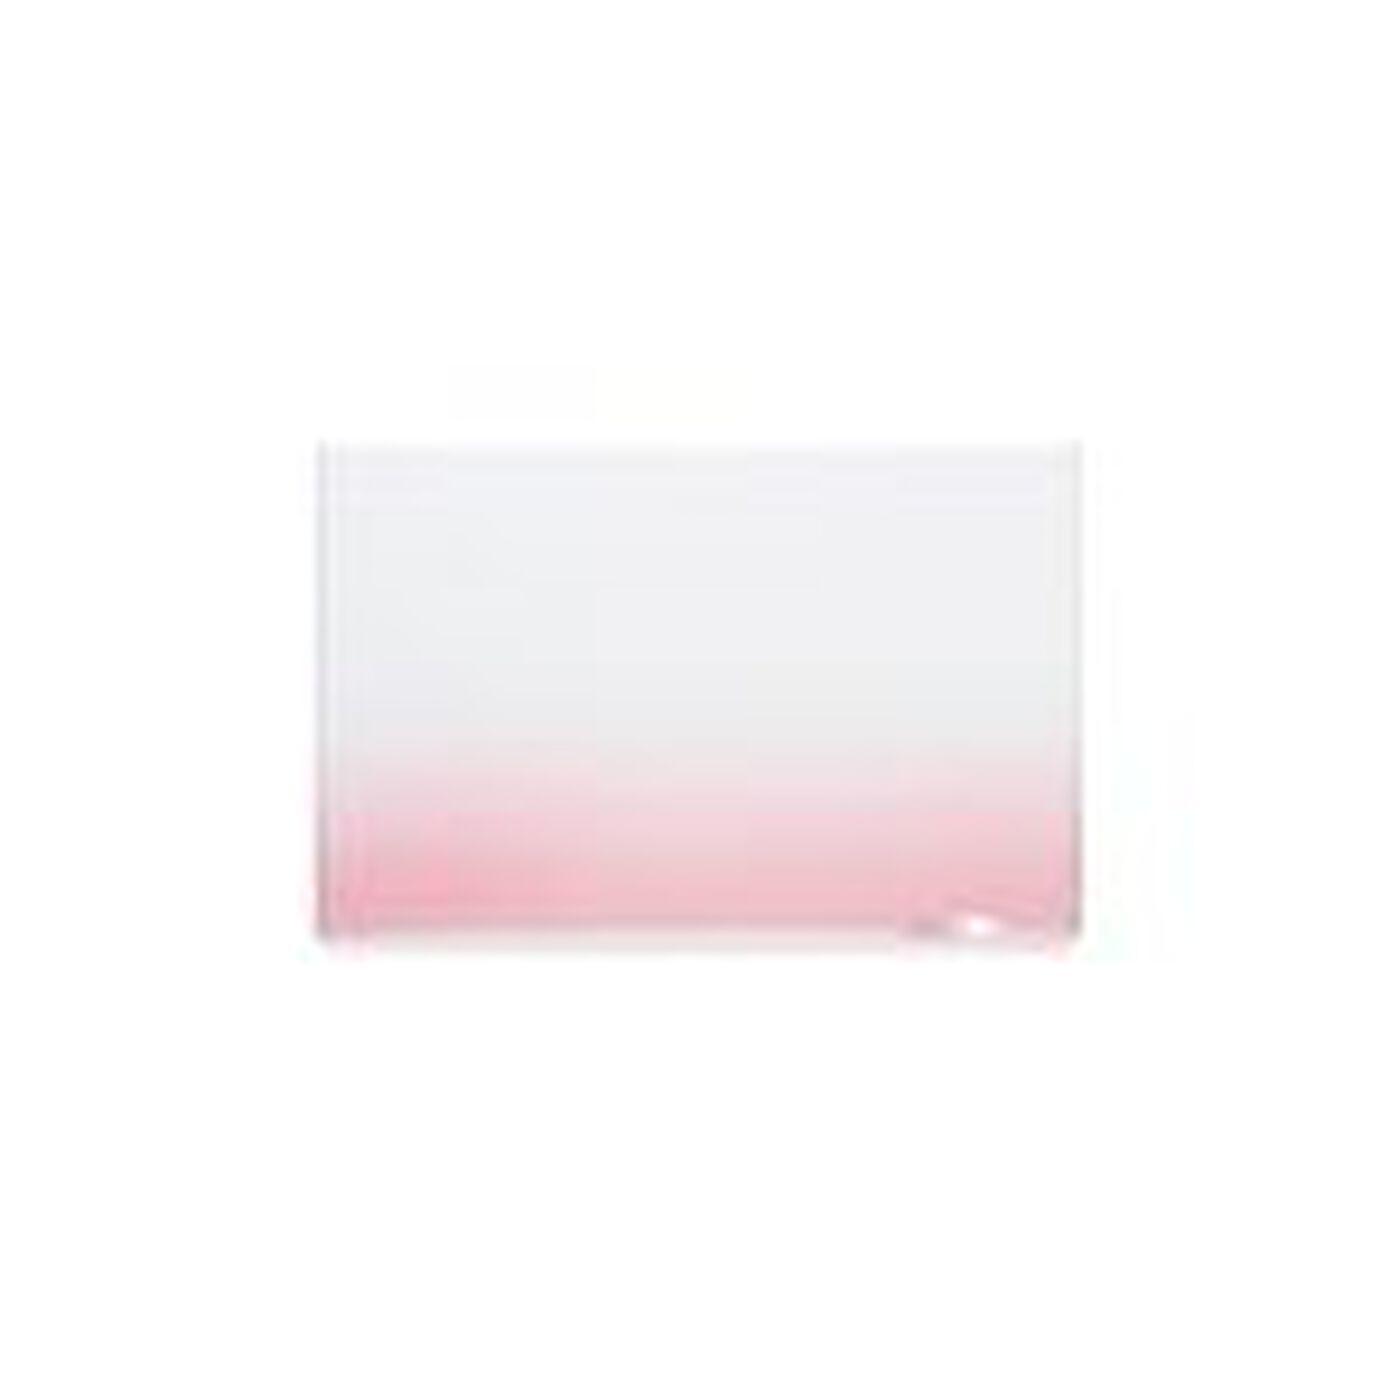 透白光感系列 透白光感亮肌粉盒